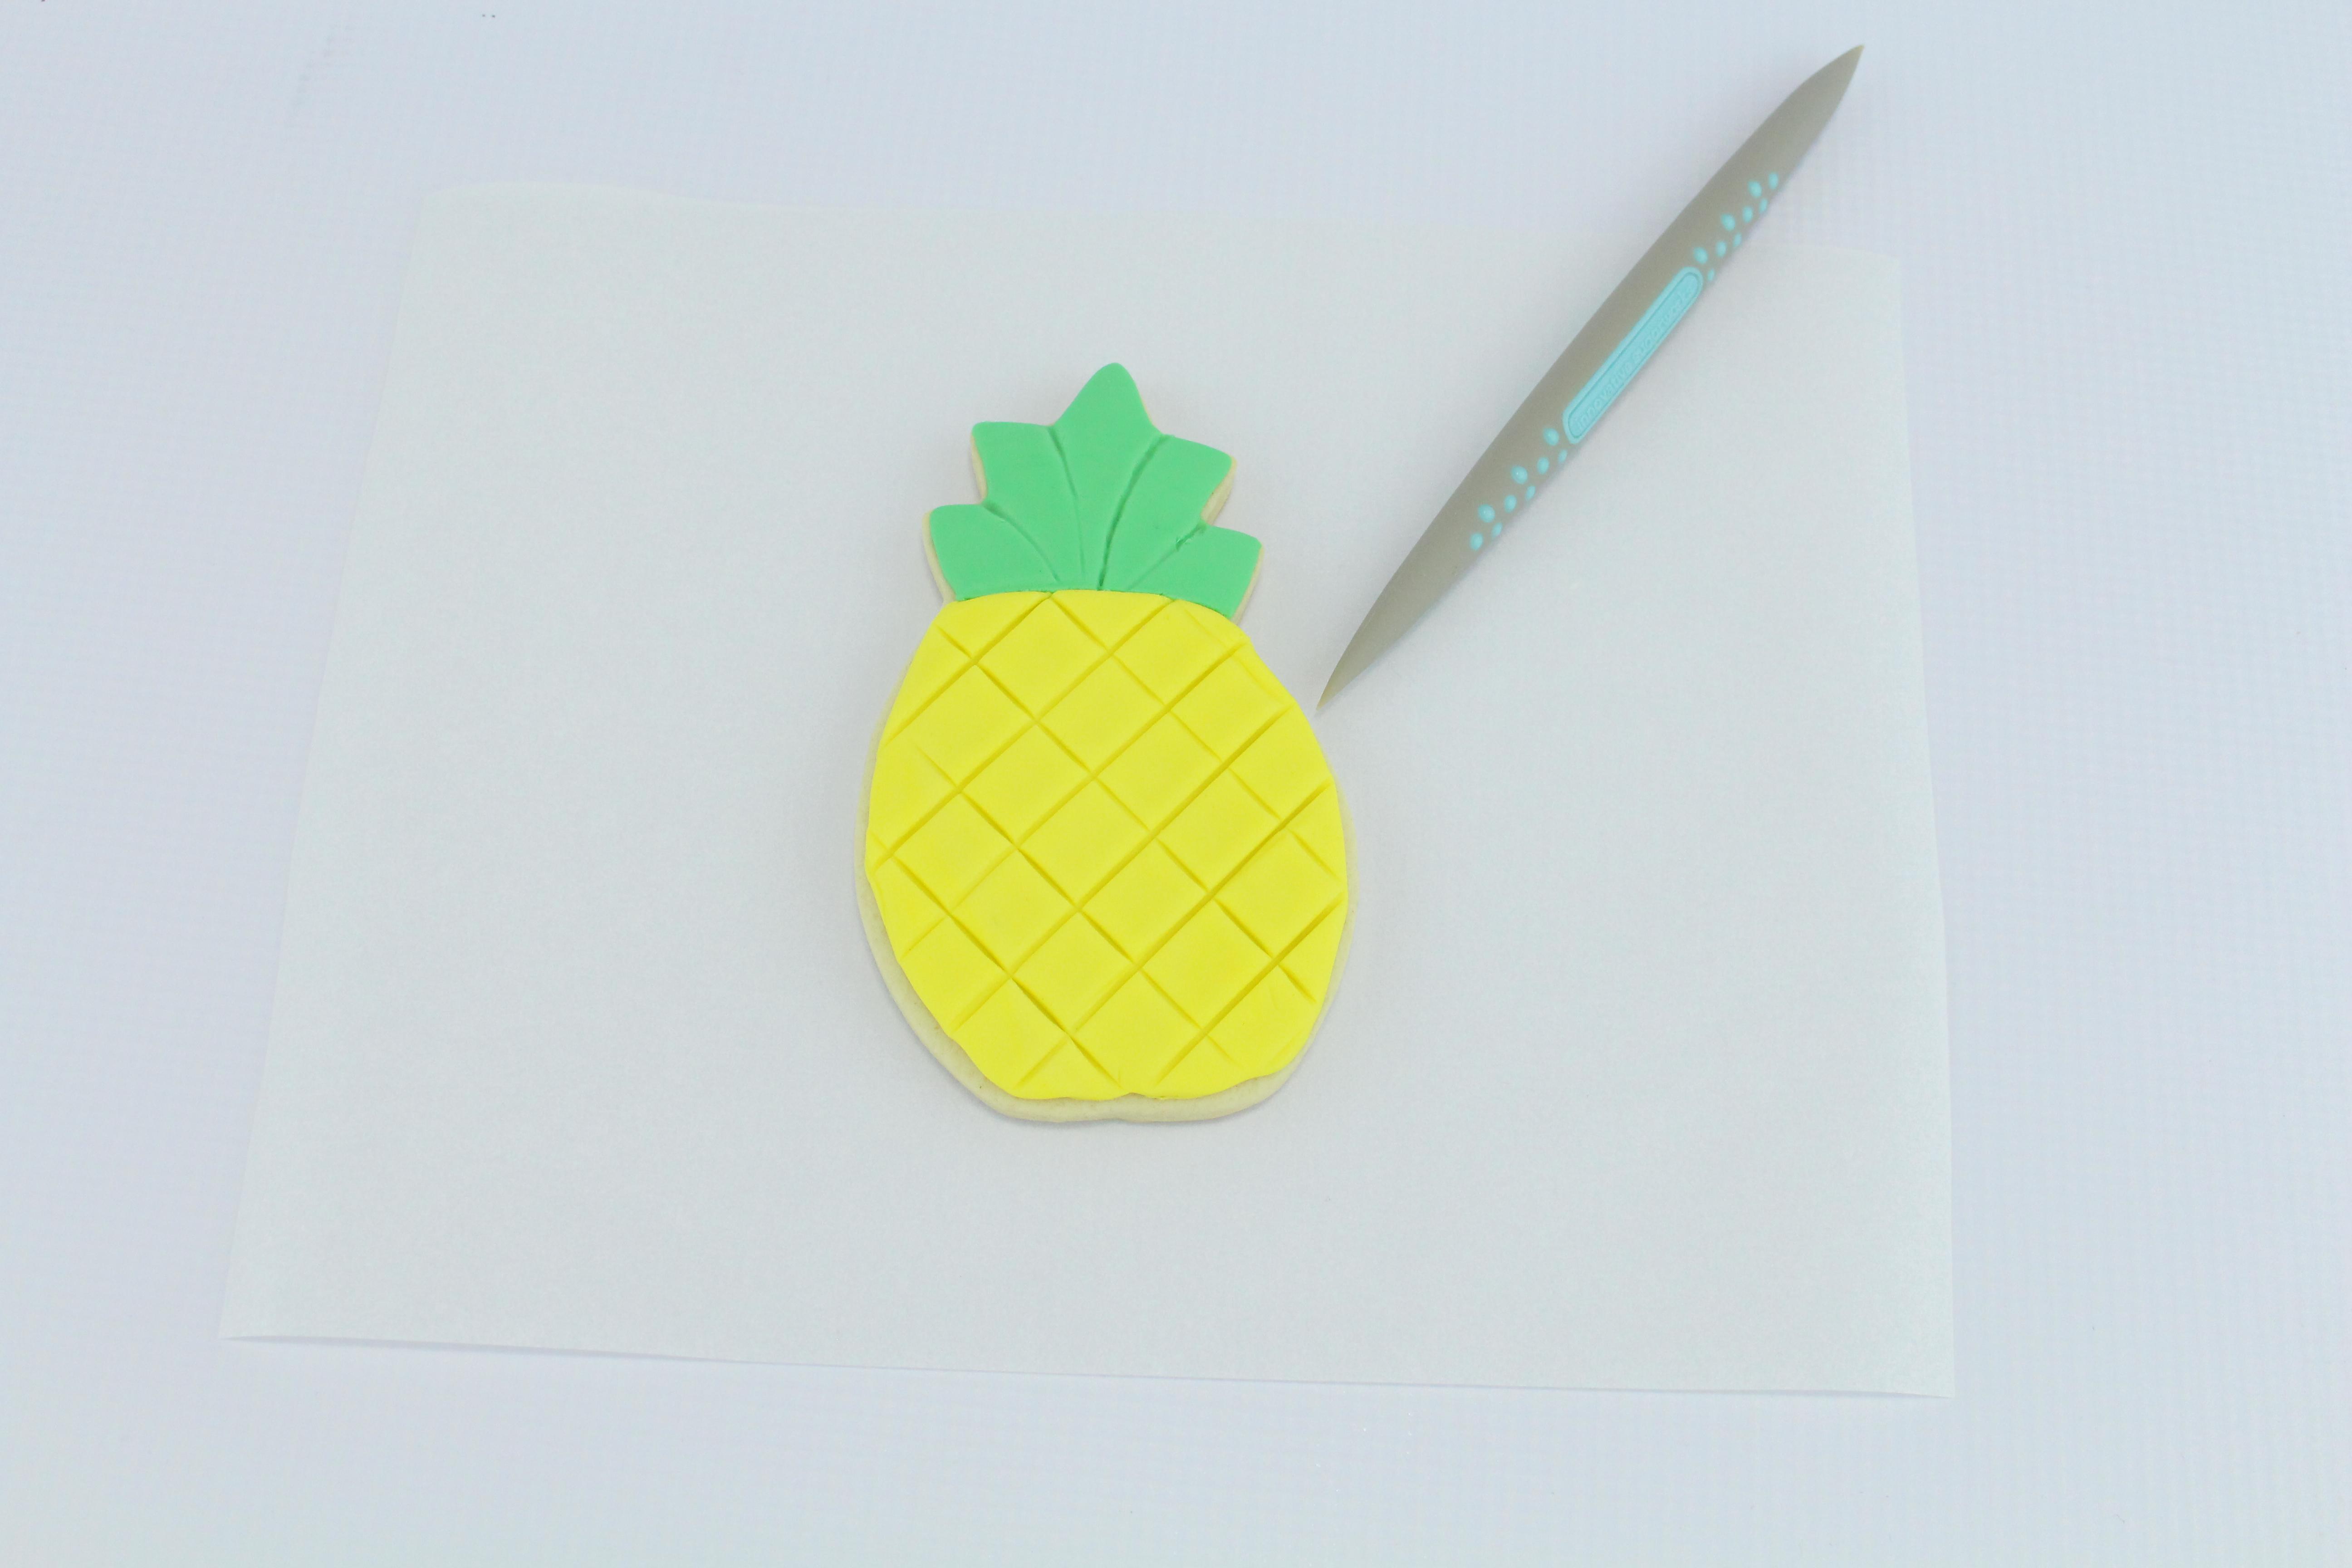 Pineapple8.jpg#asset:19704